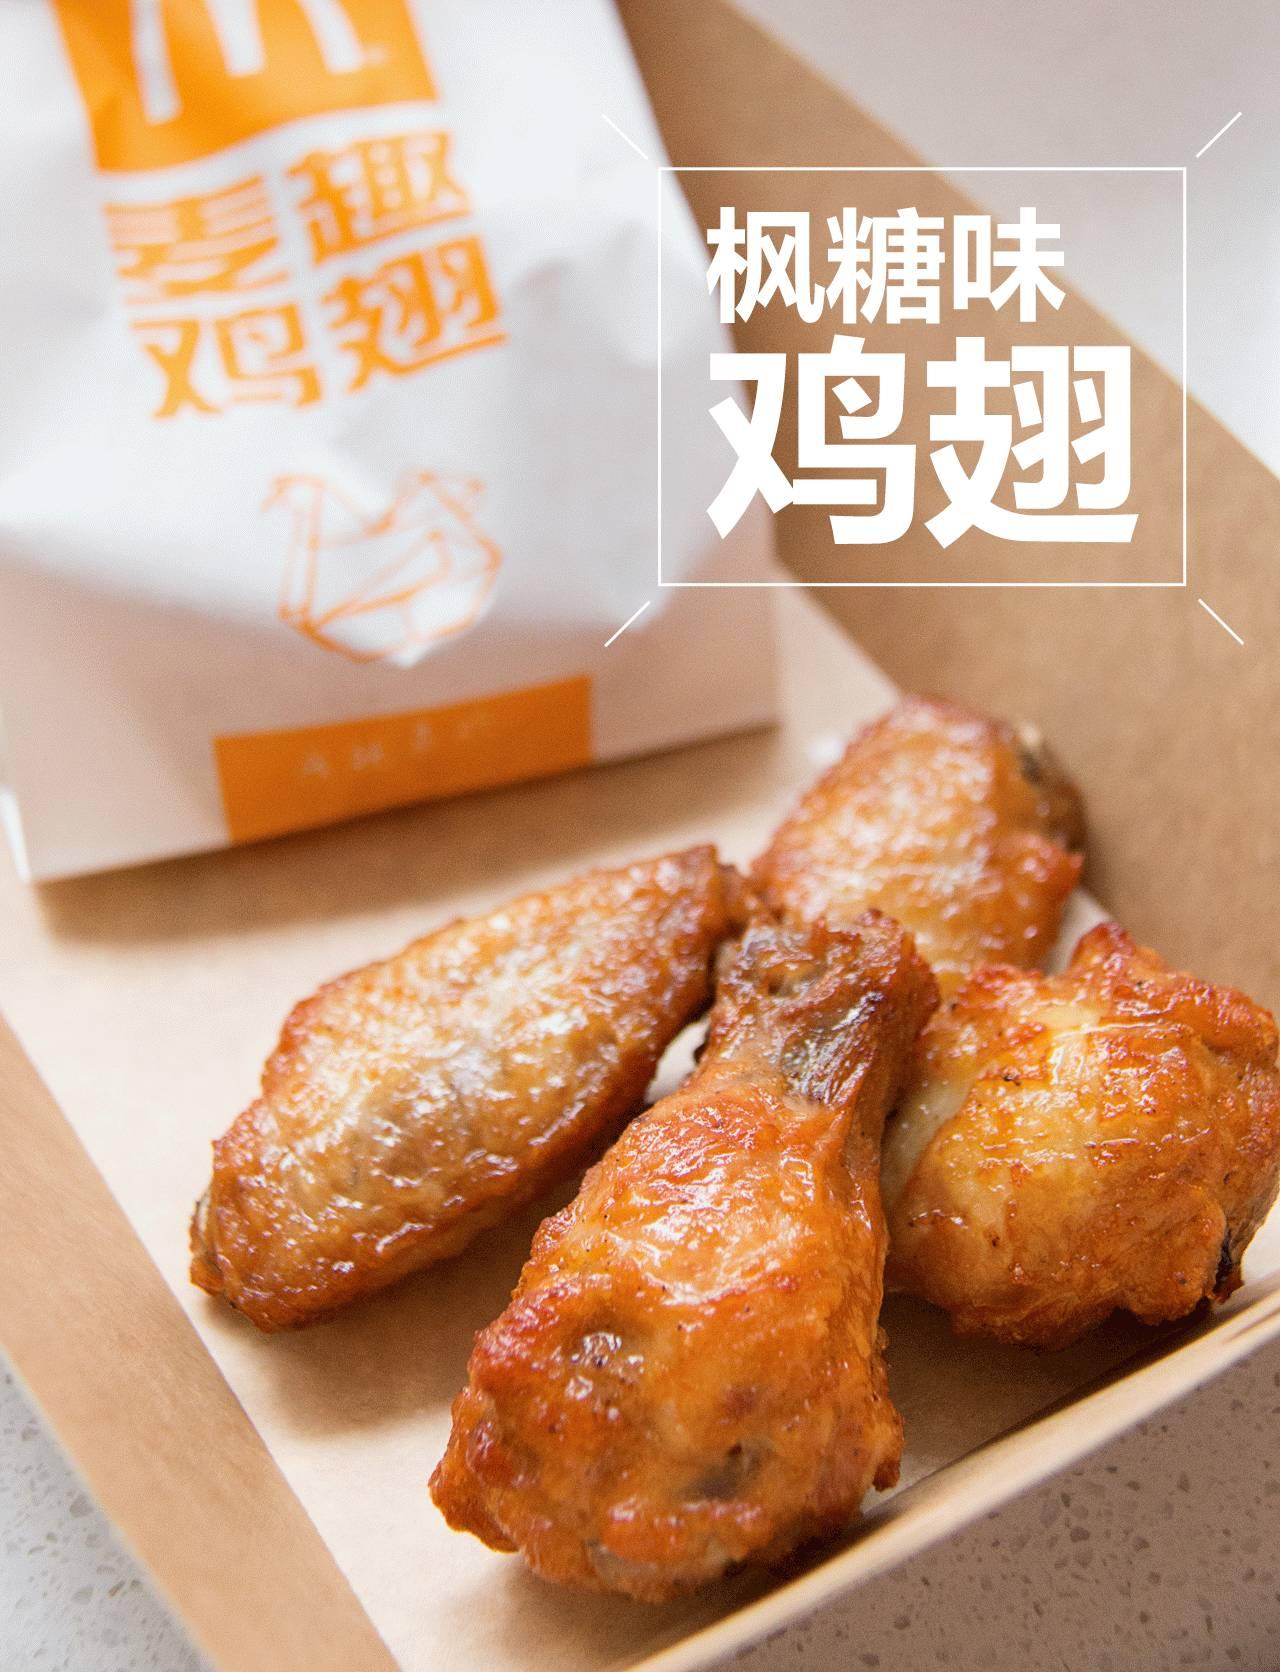 金黄酥脆的薯条,  淋上浓郁芝士烧烤酱, 创新经典美式小食.图片